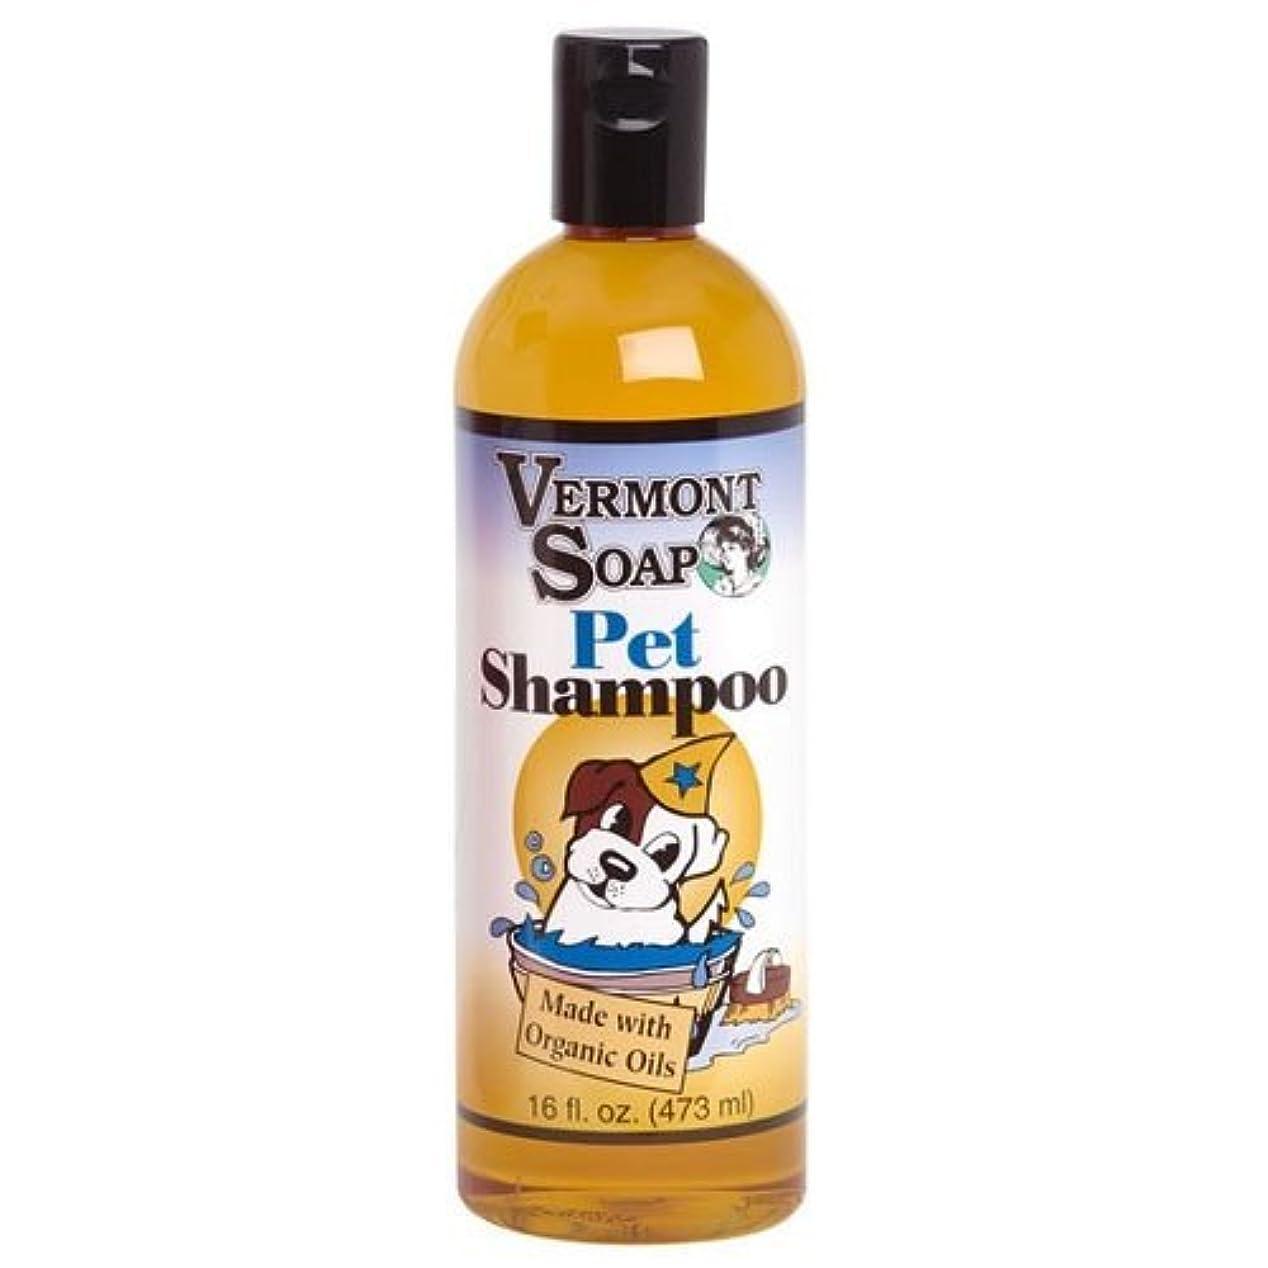 不規則なファンドコメンテーターバーモントソープ オーガニック ペットシャンプー Pet Shampoo